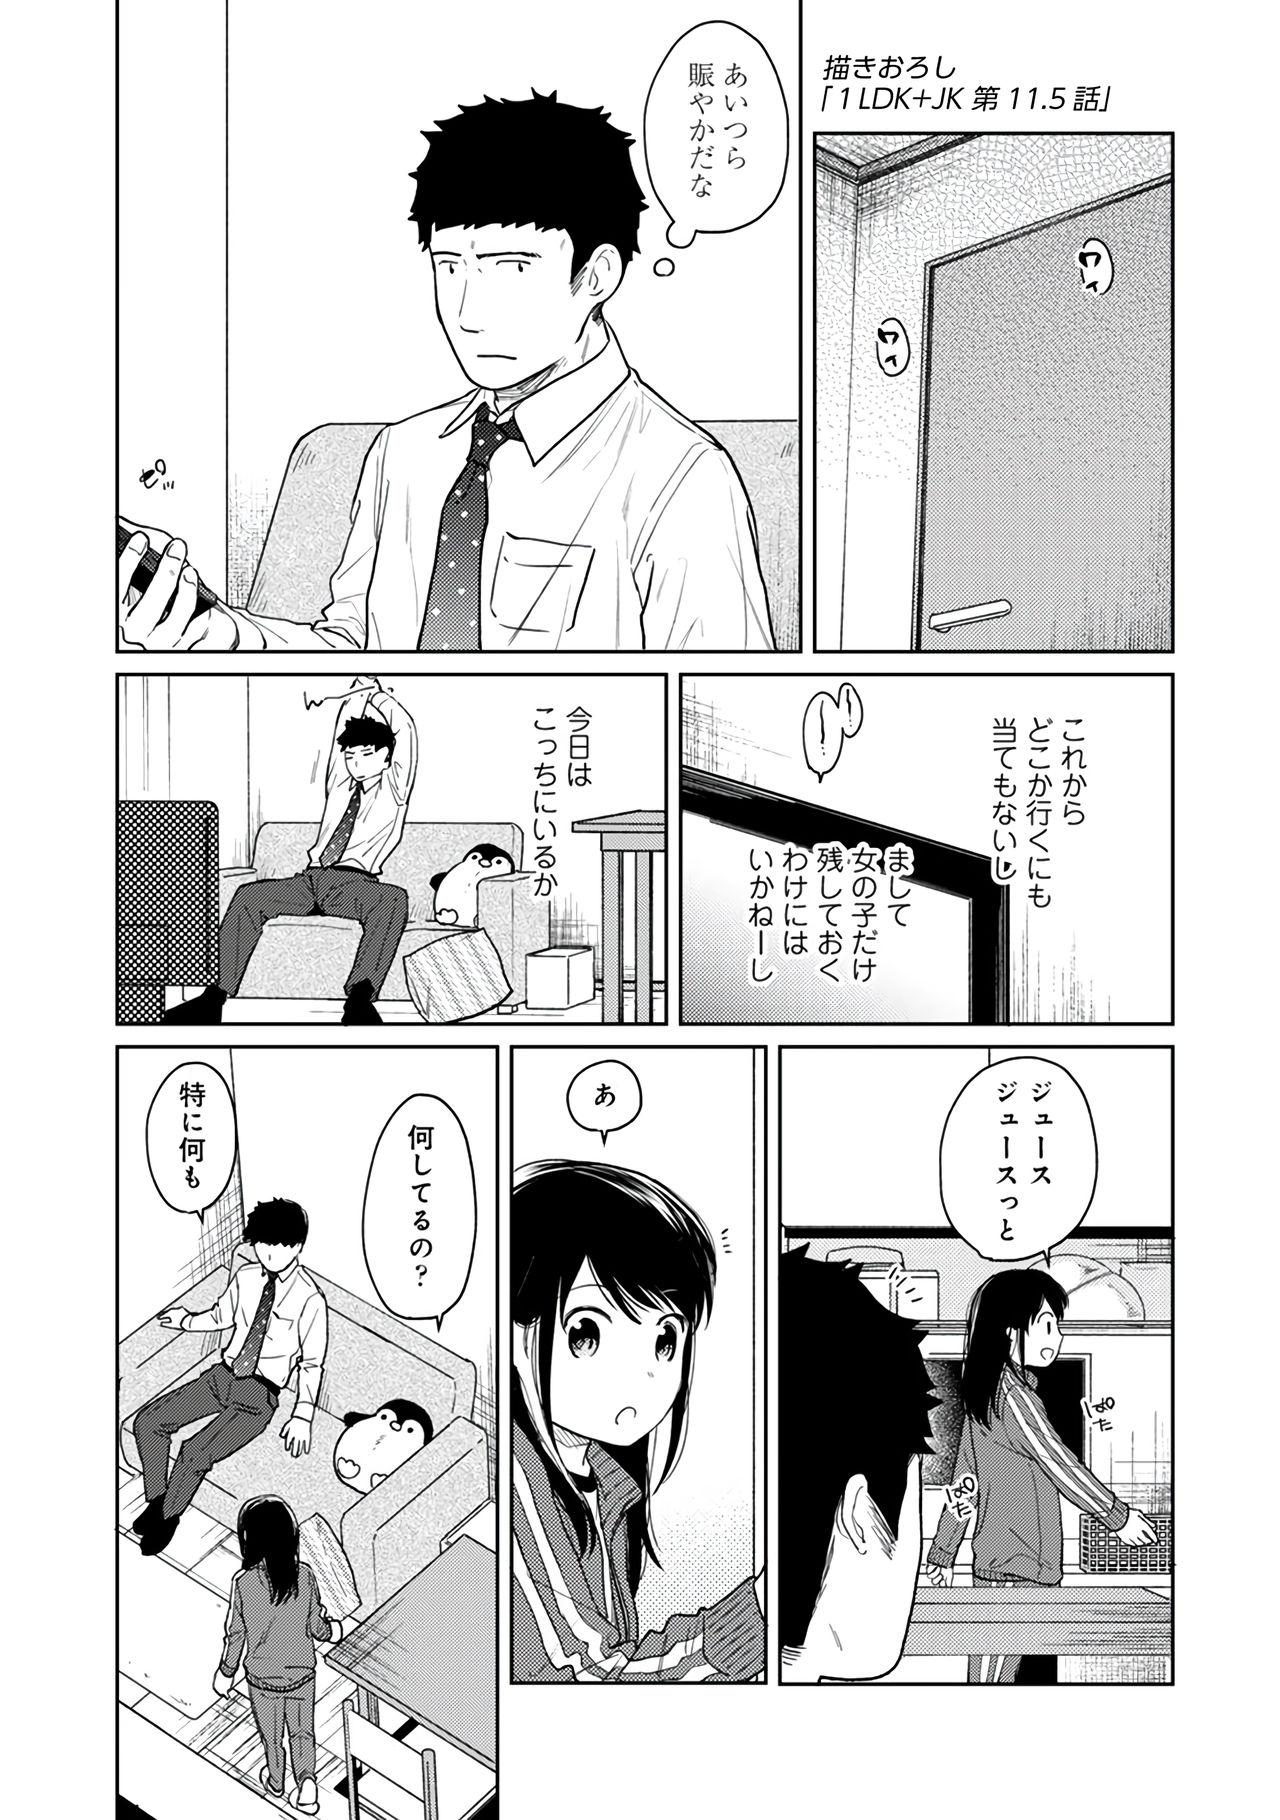 1LDK+JK Ikinari Doukyo? Micchaku!? Hatsu Ecchi!!? Vol.2 110